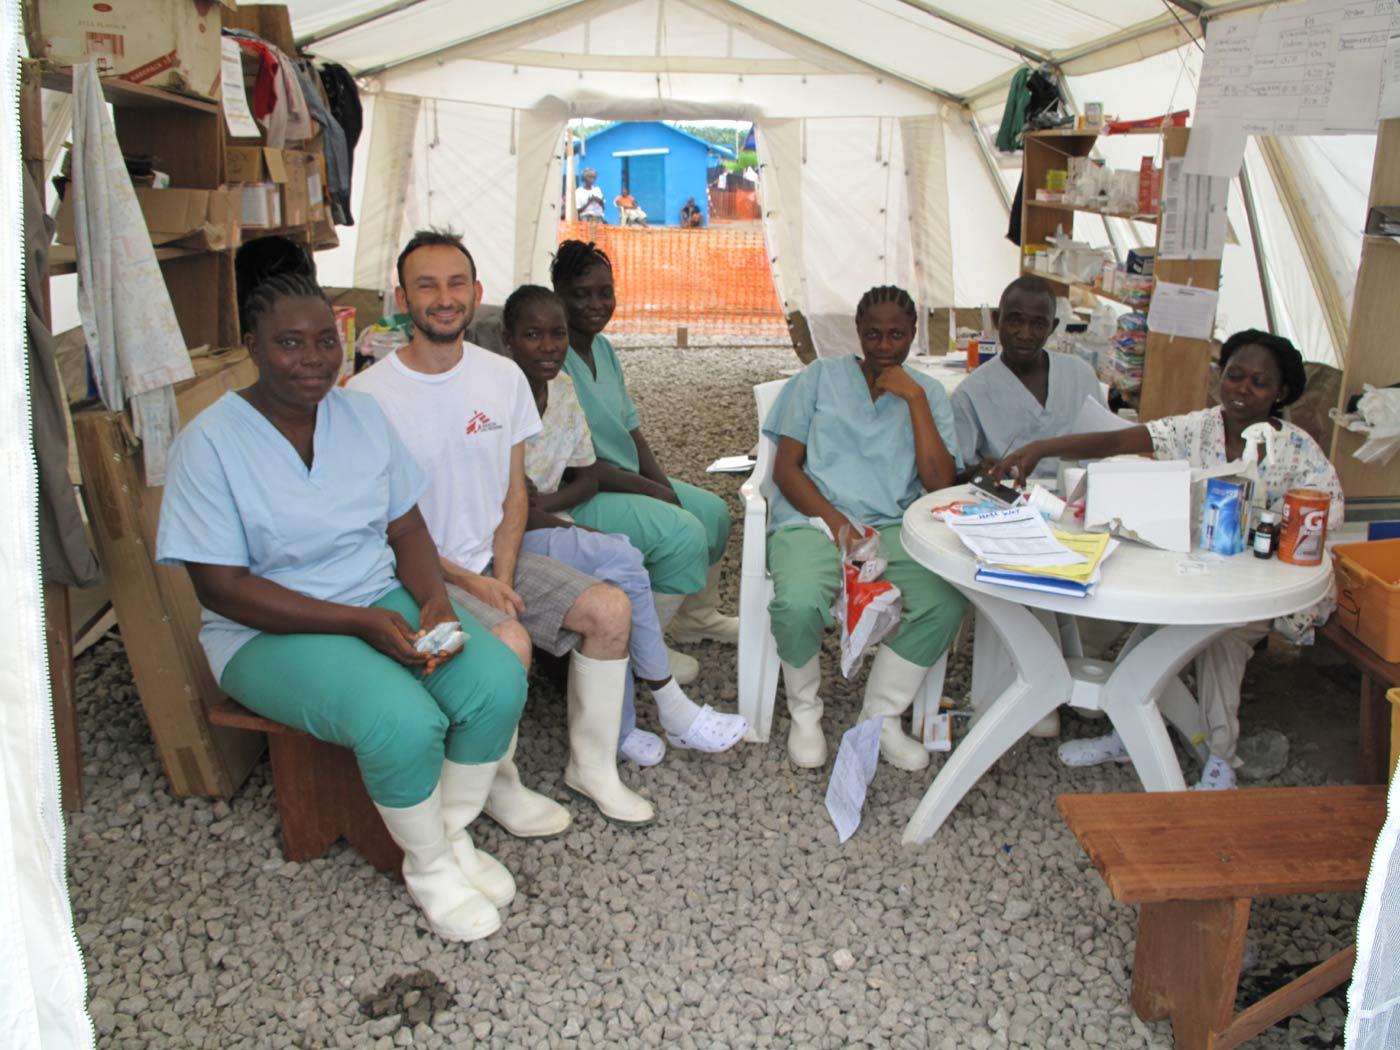 Massimo Galeotti, operatore umanitario di Medici Senza Frontiere, in Liberia, nel Centro contro l'Ebola